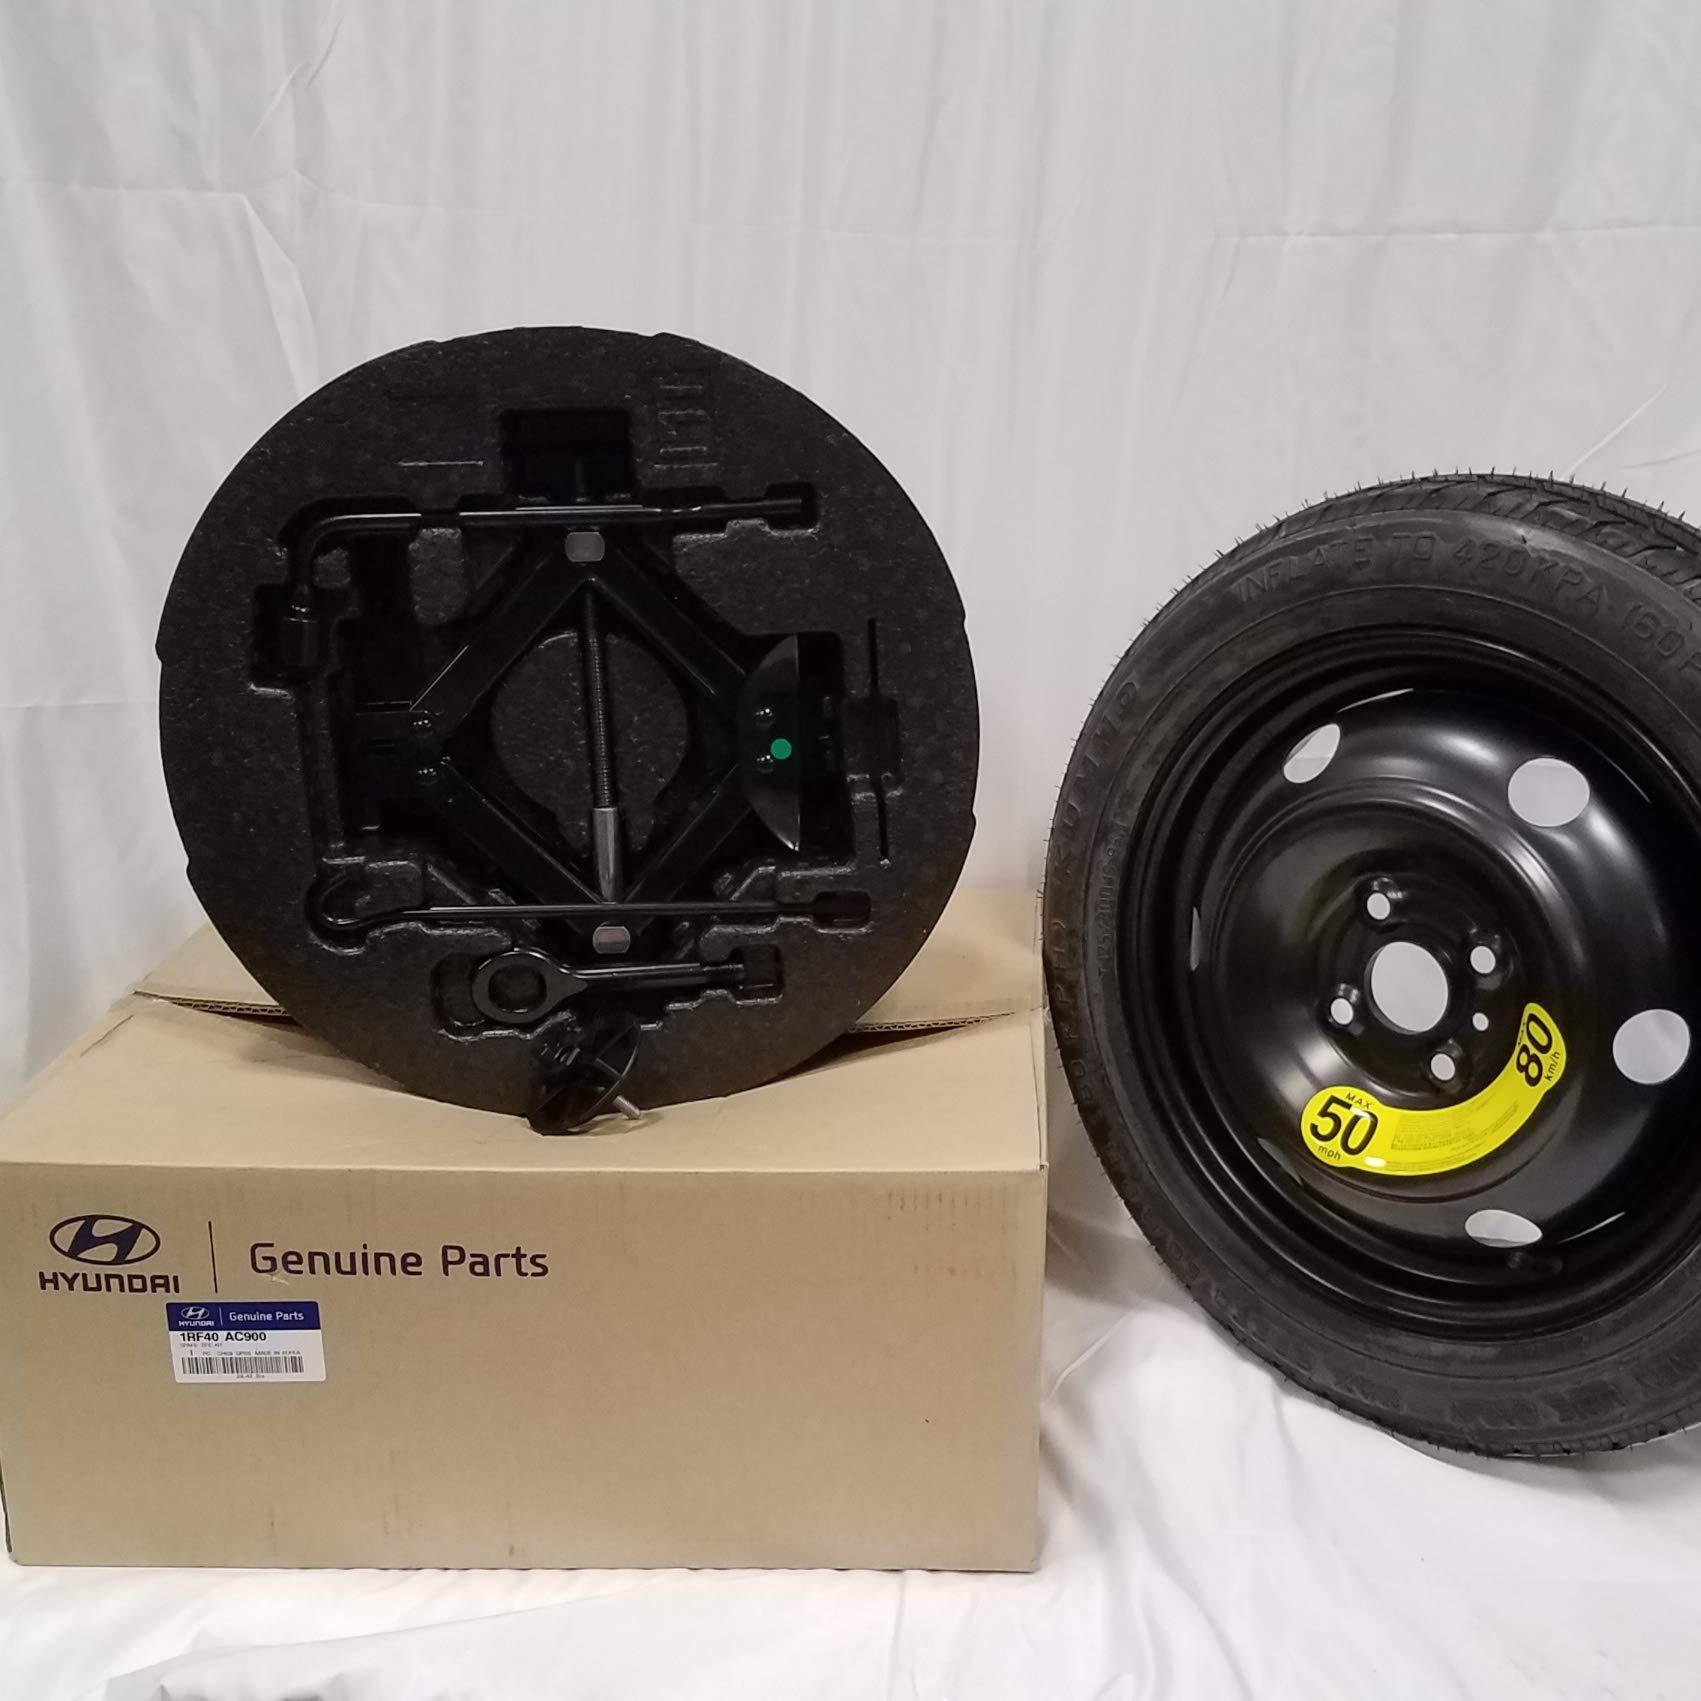 HYUNDAI Genuine 1RF40-AC900 Spare Tire Kit by HYUNDAI (Image #1)